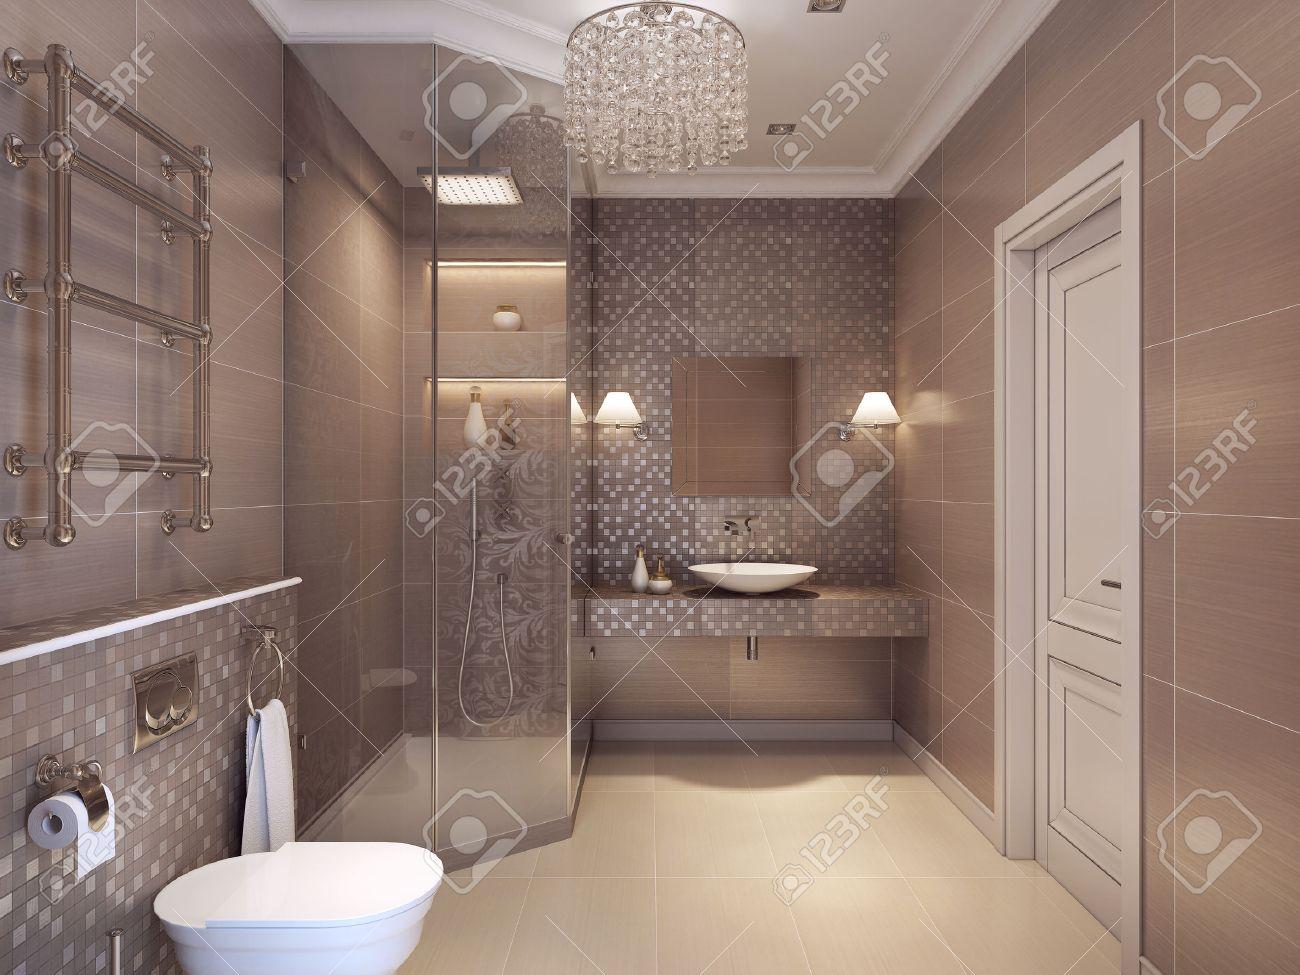 Salle De Bains Moderne Dans Le Style Art Déco. Douche, WC Et Lavabo ...